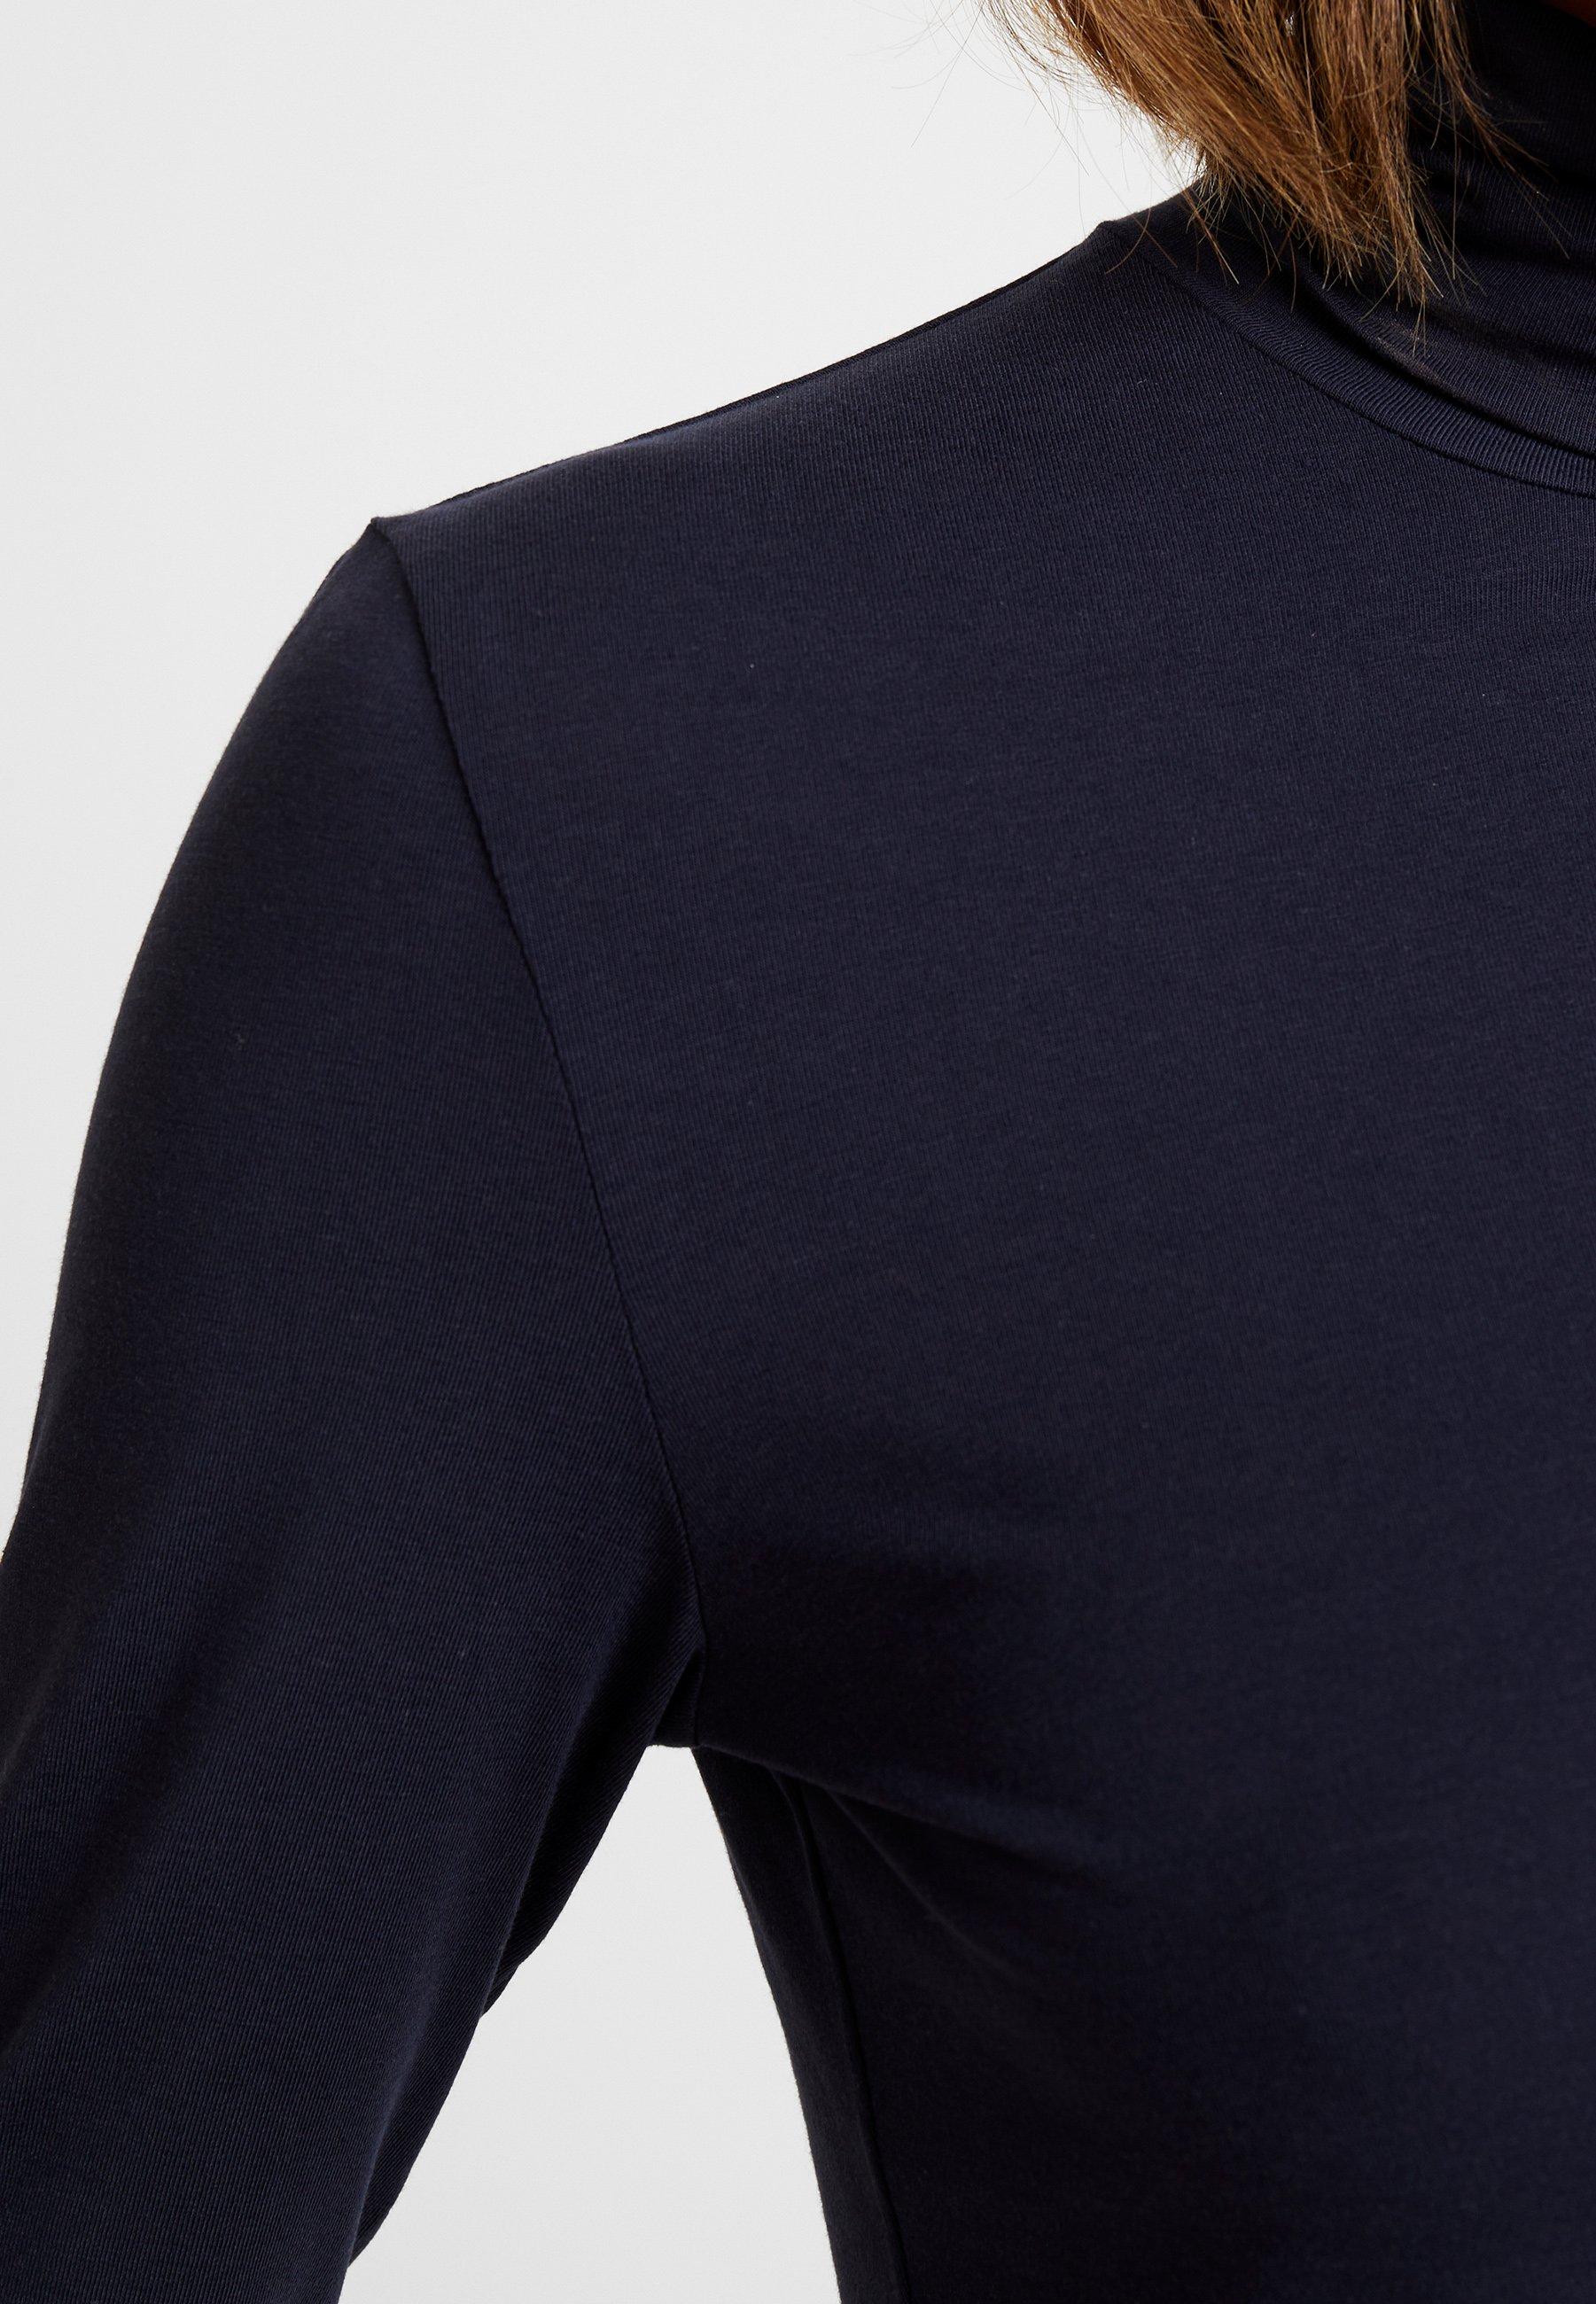 Samsøe sky longues ESTERT night shirt à manches Samsøe Yb7myfgI6v